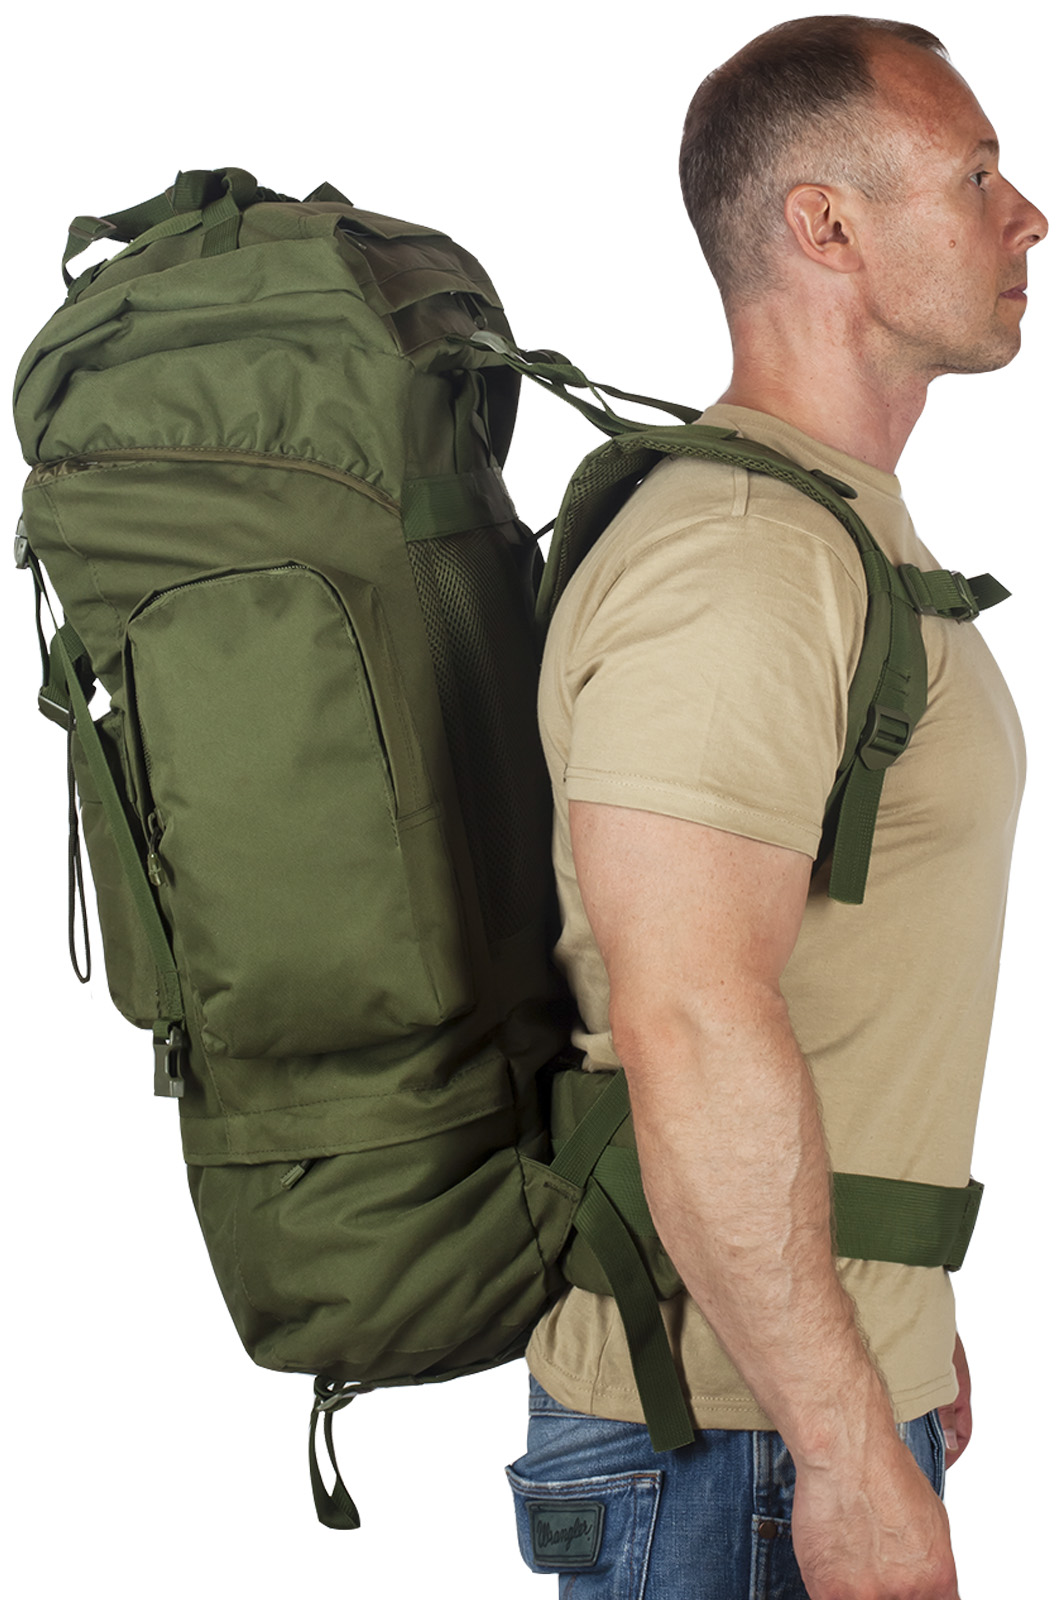 Армейский тактический рюкзак с в нашивкой Пограничной службы - купить оптом